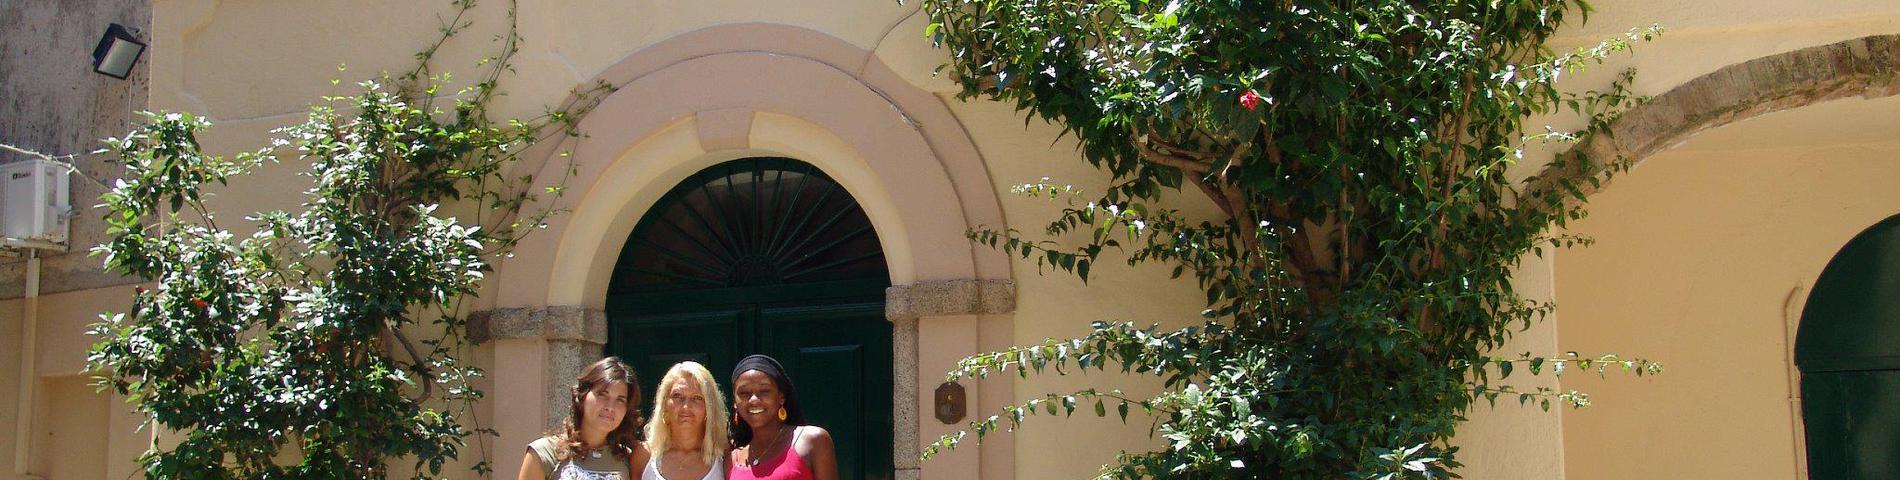 Piccola Universita Italiana picture 1